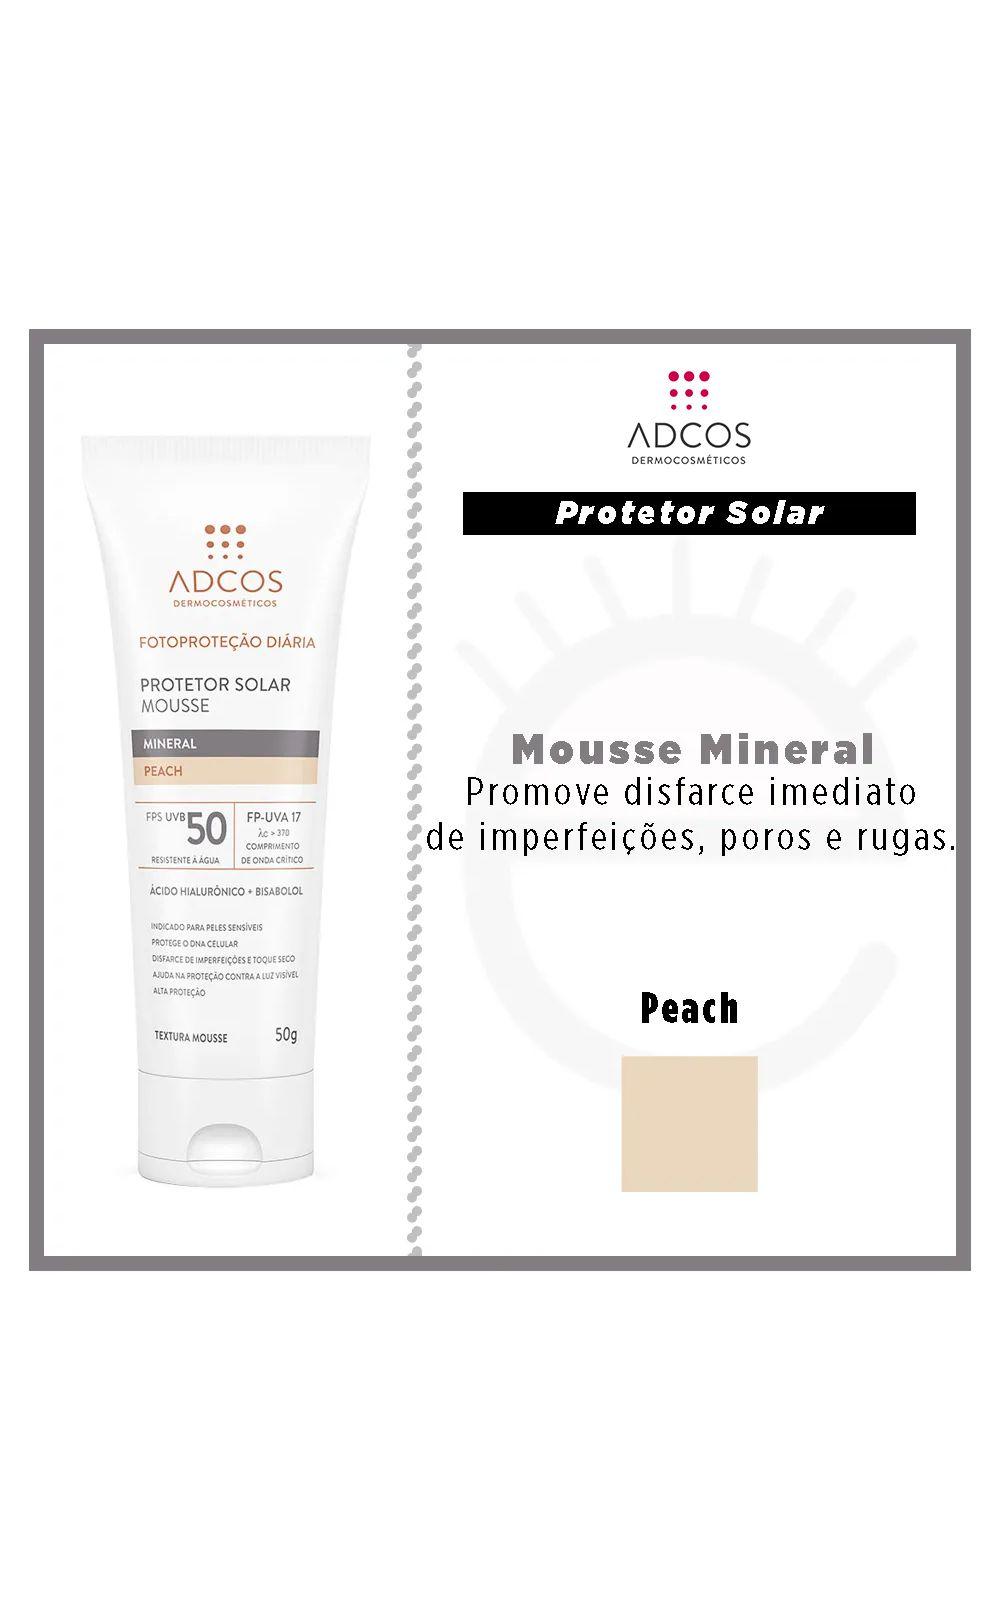 Foto 4 - Protetor Solar ADCOS - Fotoproteção Mousse Mineral - Peach